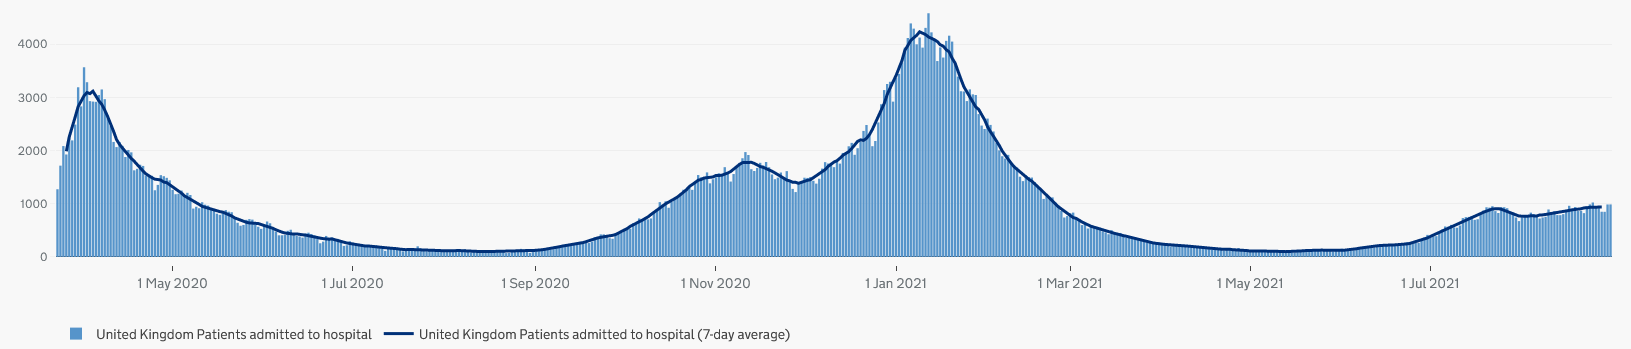 UK hospitalizations